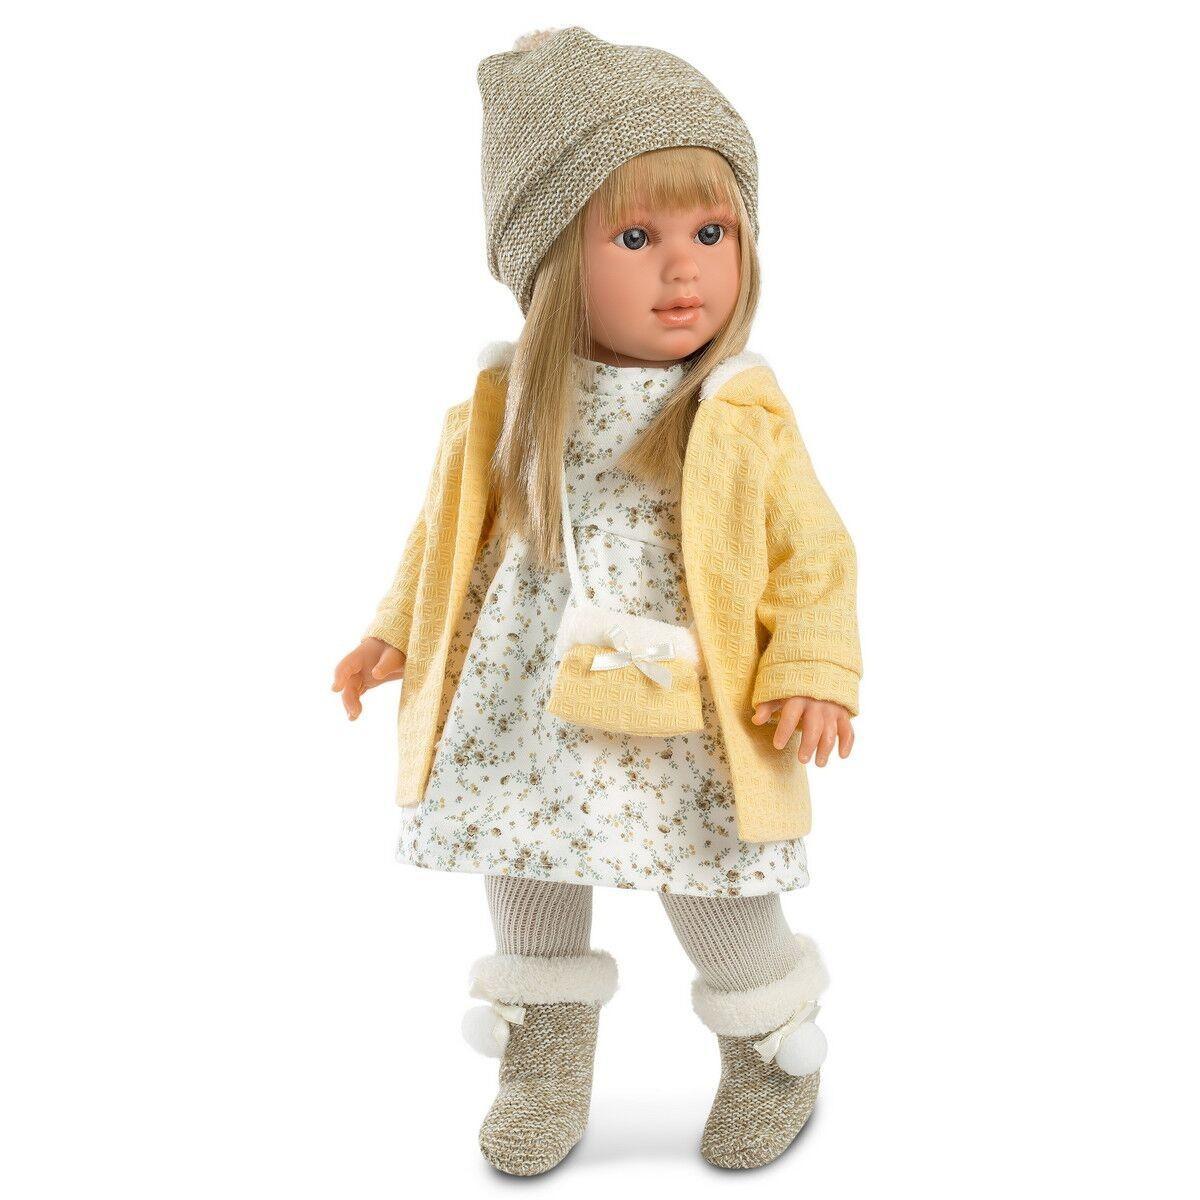 Купить Кукла Мартина, 40 см., Llorens Juan